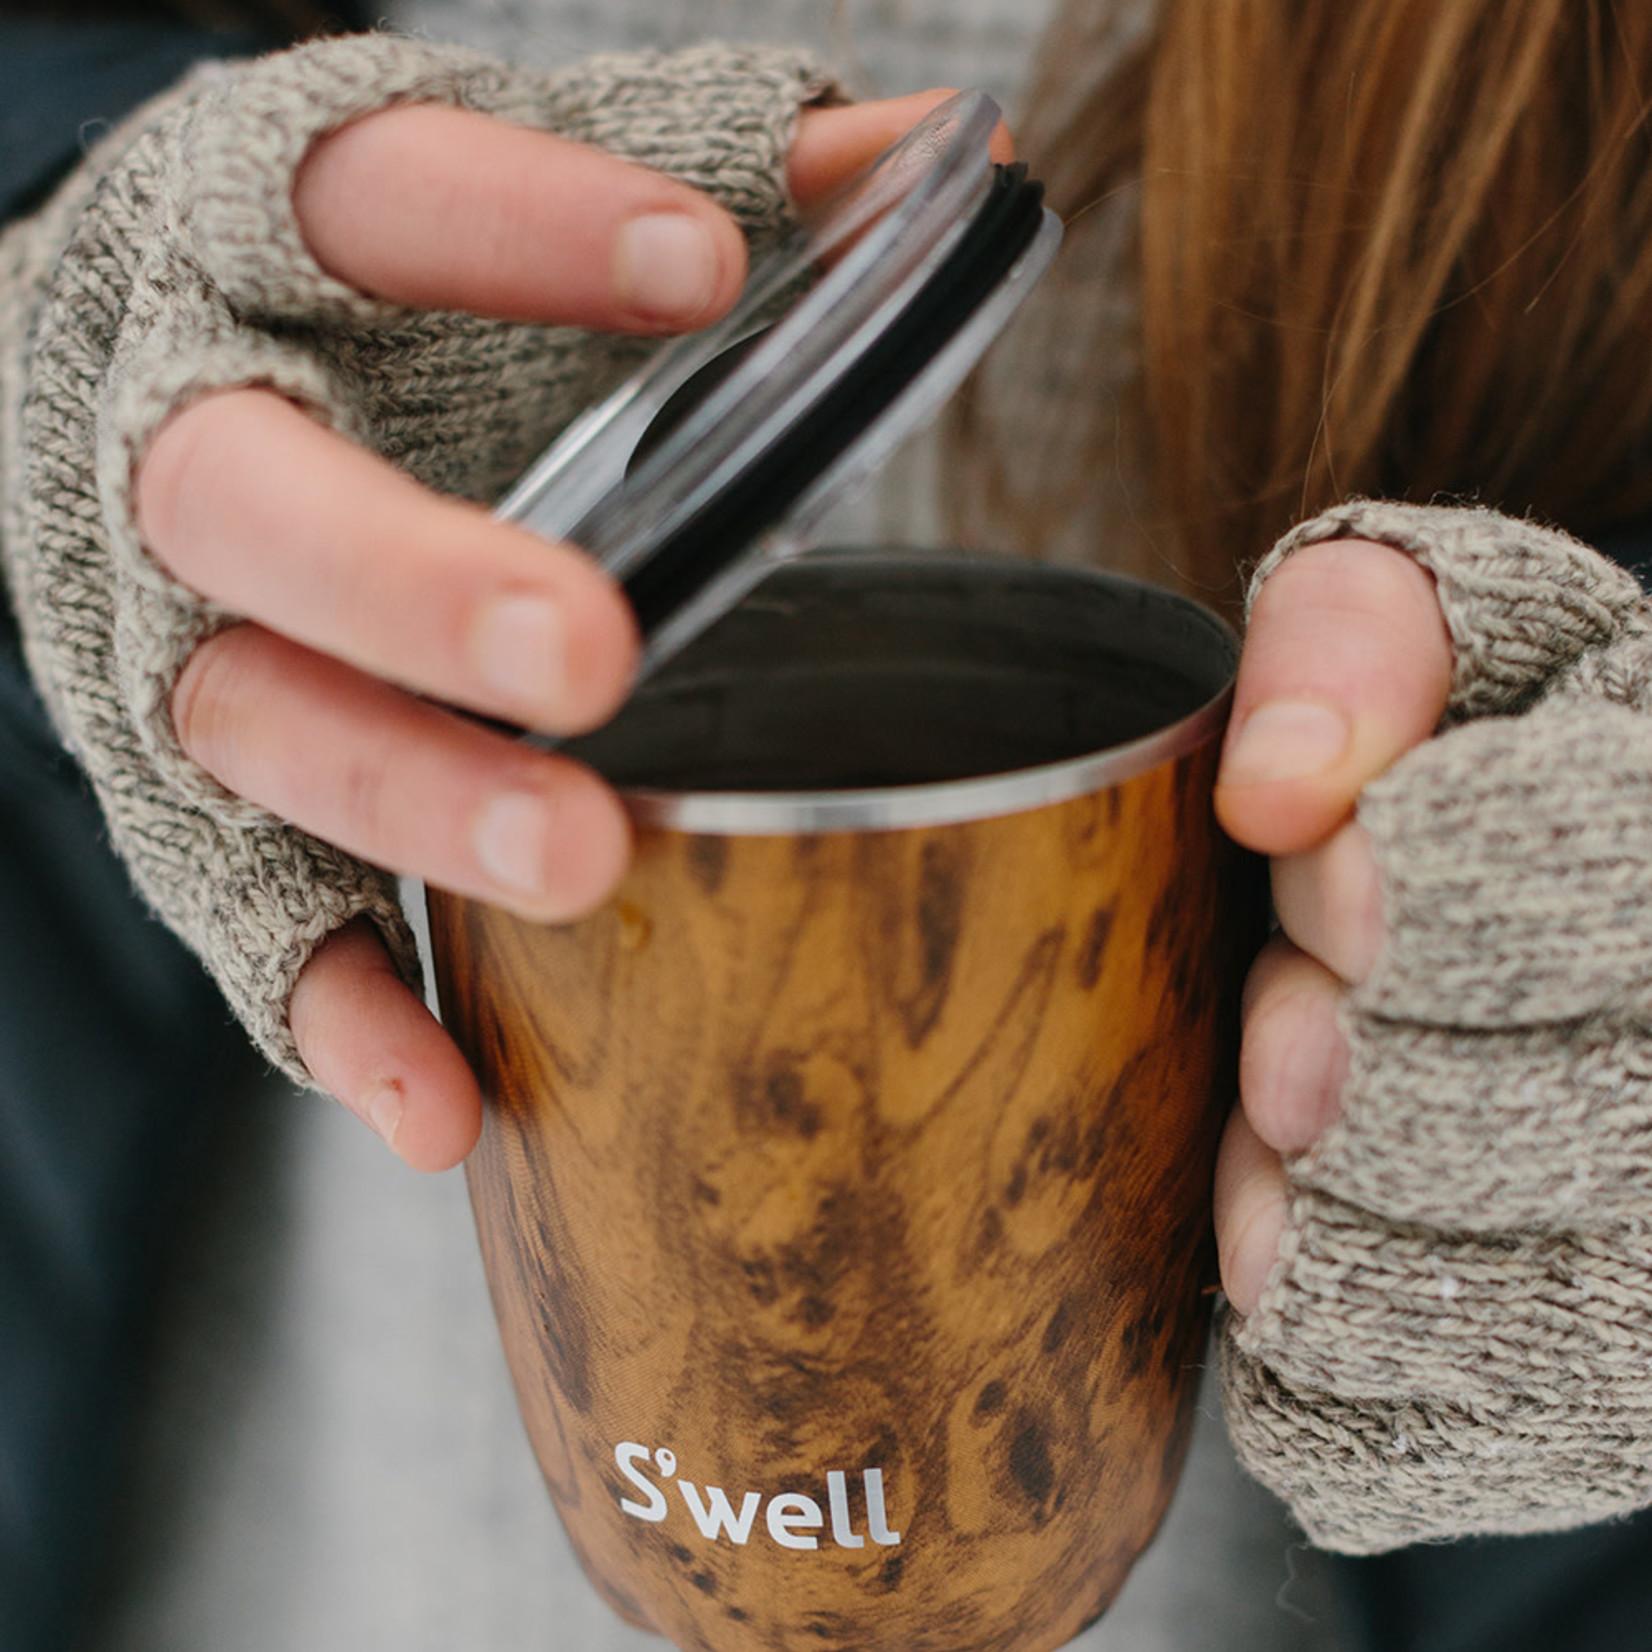 S'well S'well Bottle 12oz Tumbler Mug with Handle/Lid Teakwood